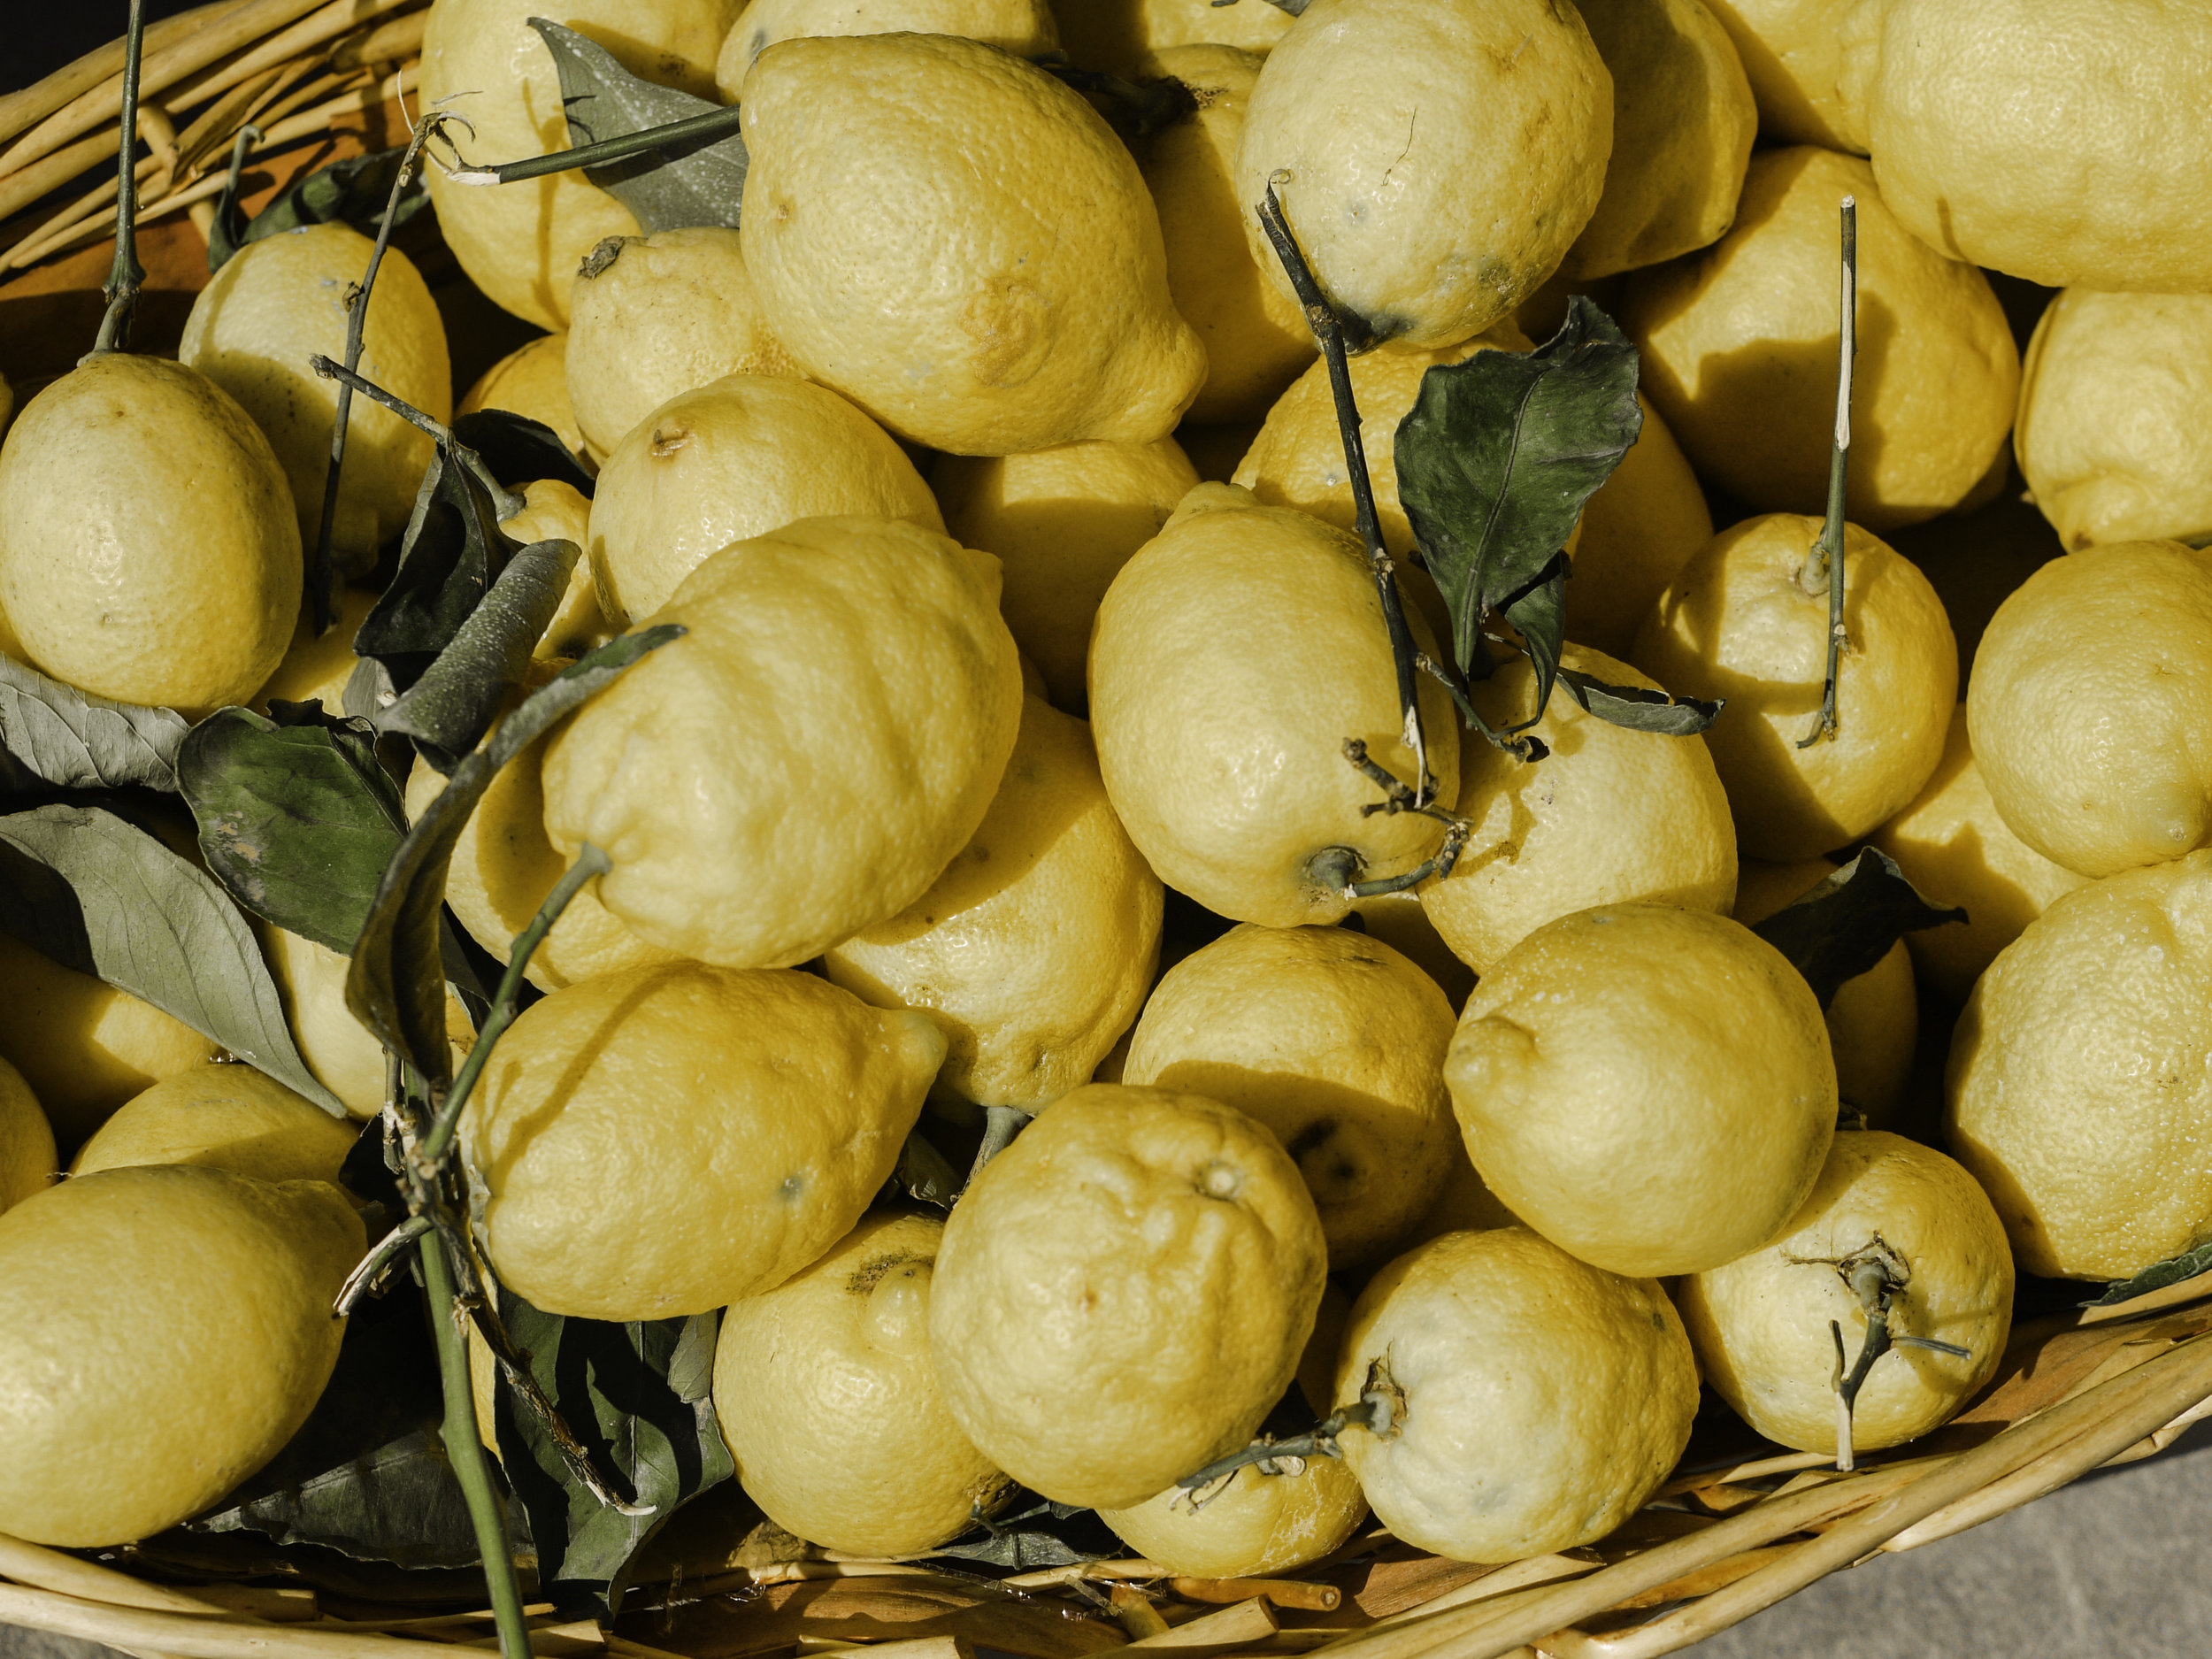 Lemon Scrap Vinegar -